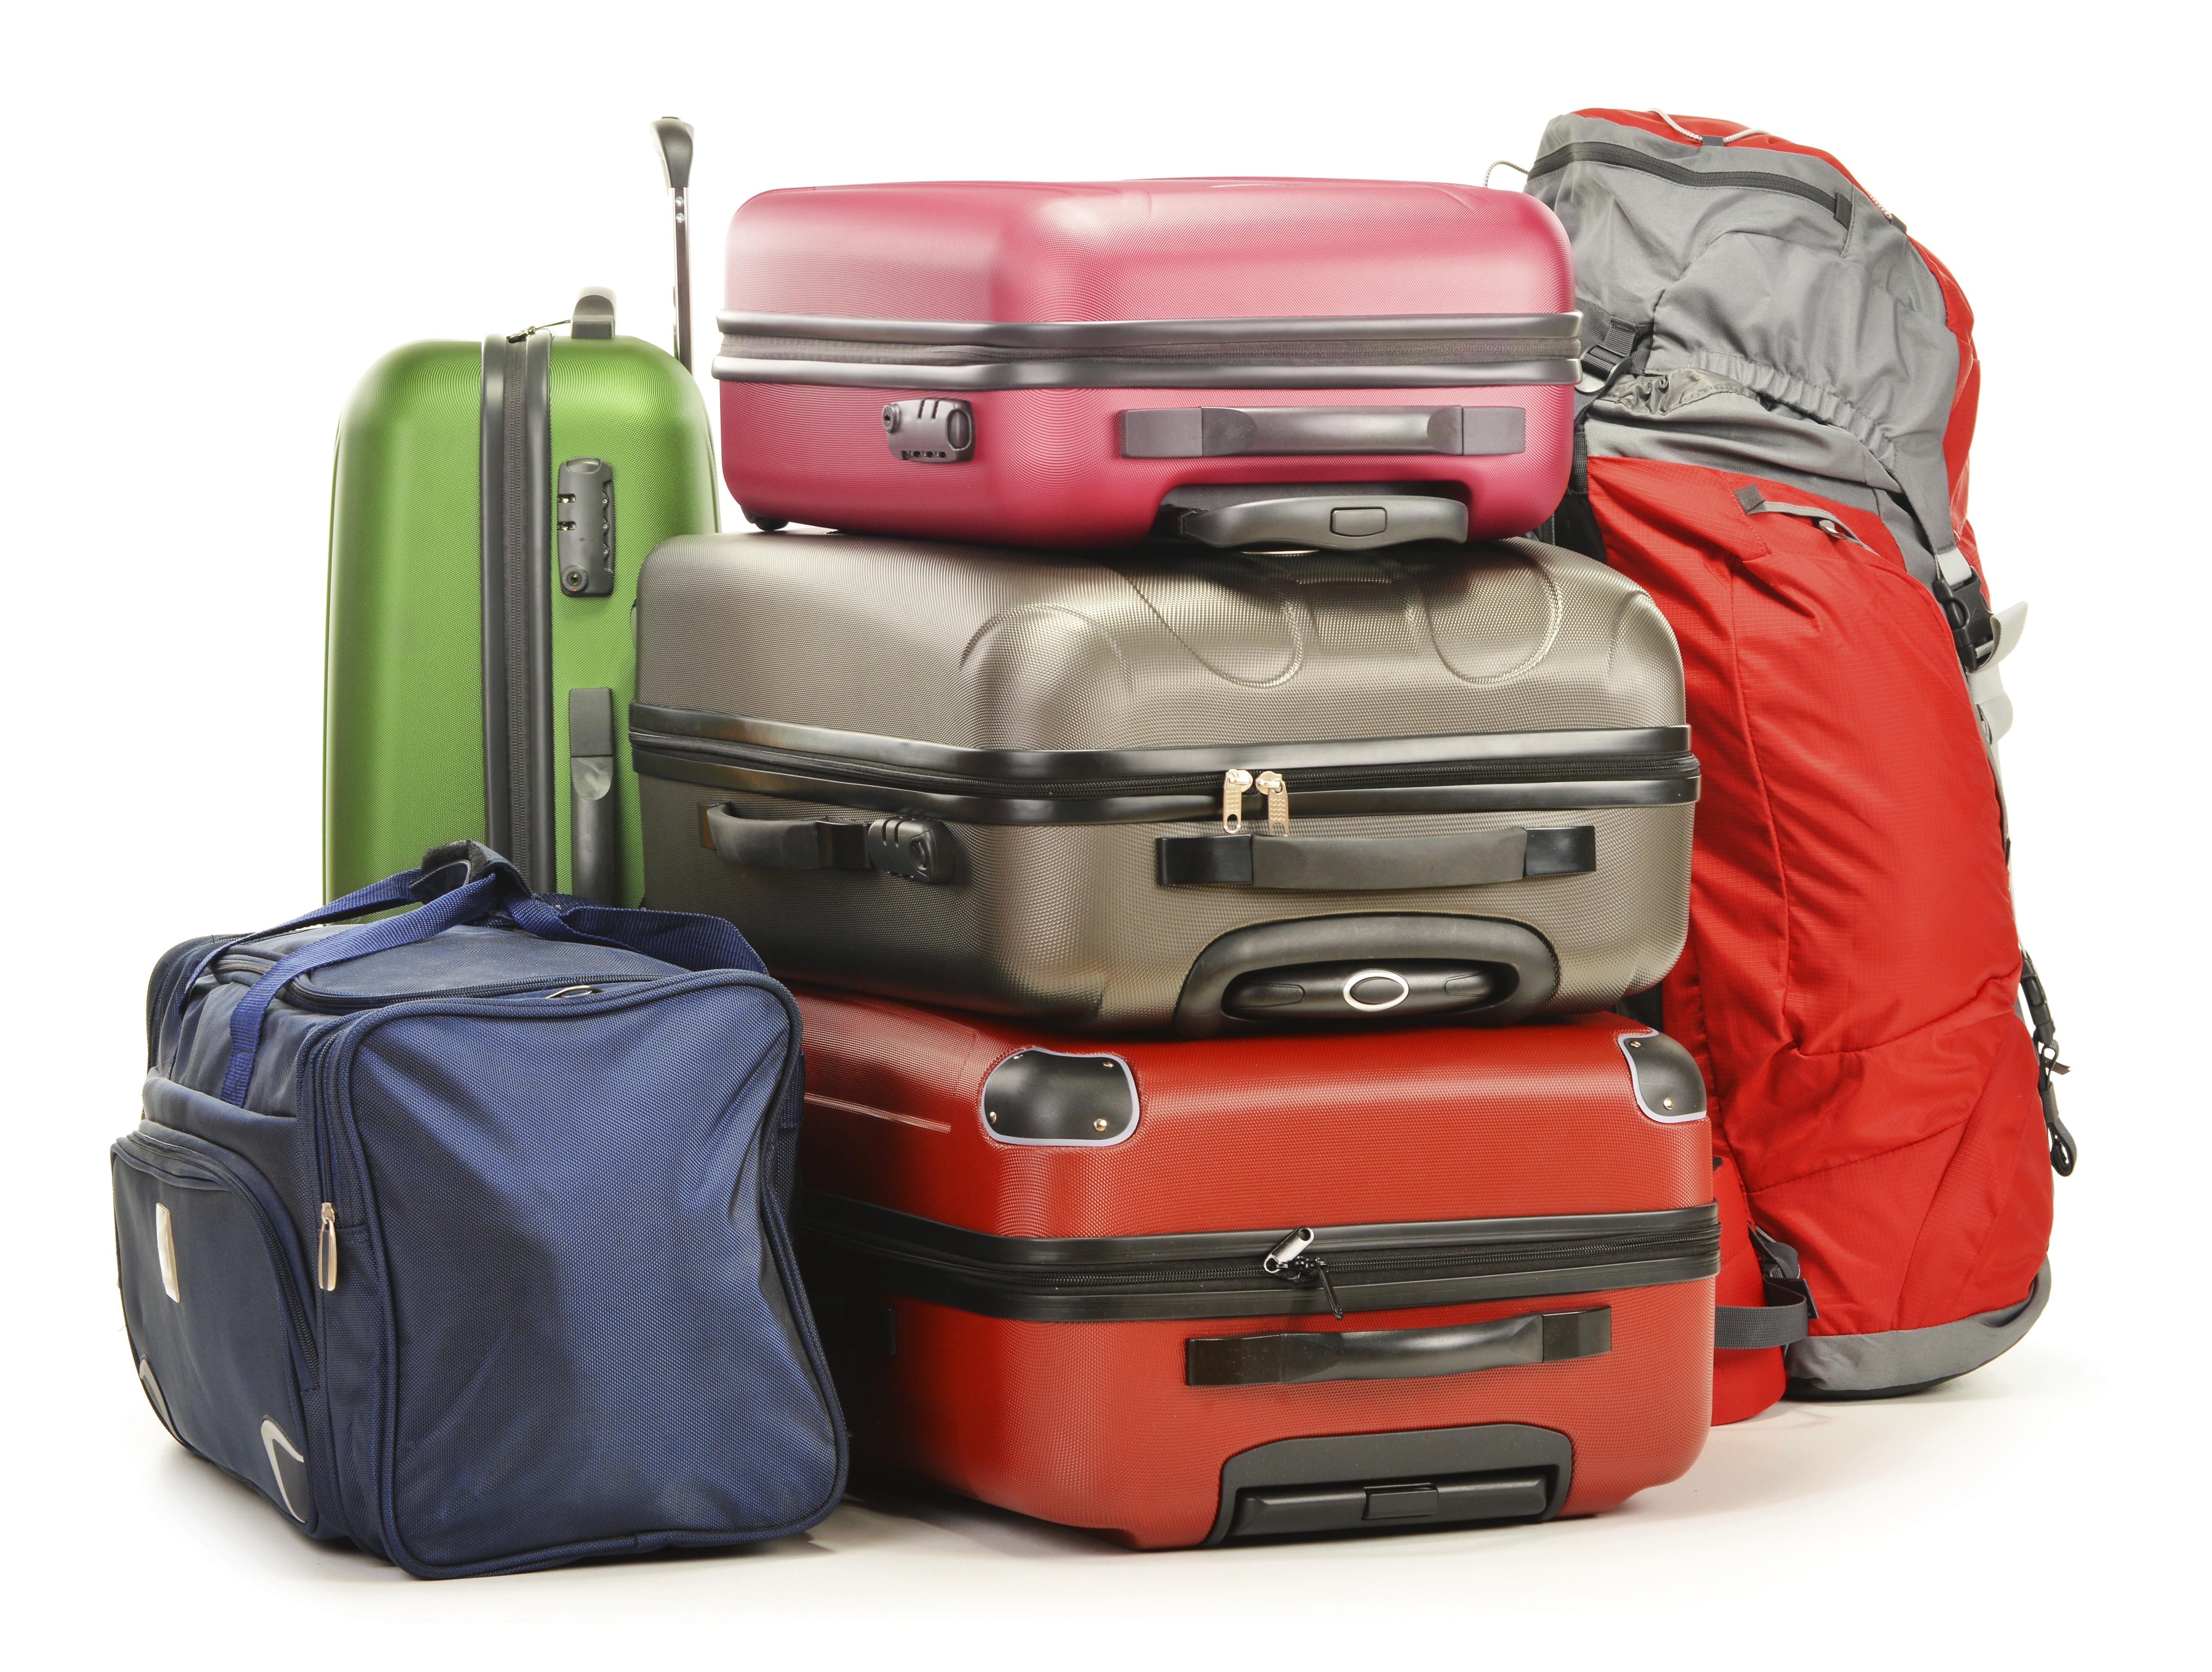 20618785e Tamaño y peso del equipaje de mano según la compañía aérea 👝 | Skyscanner  - Noticias